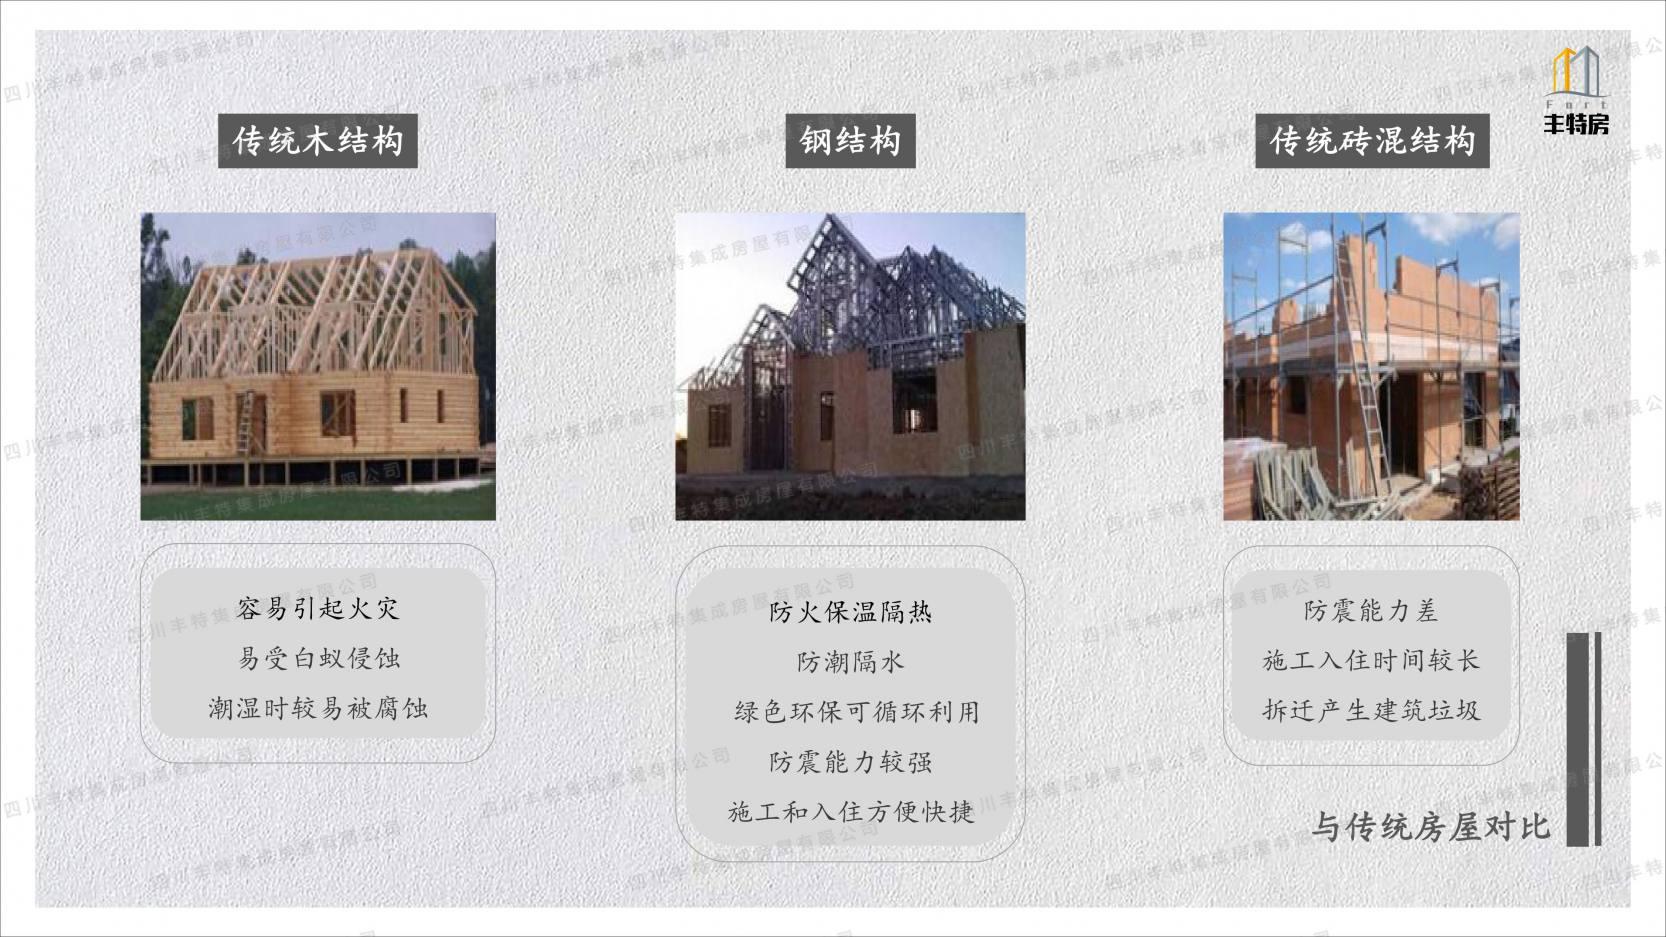 四川丰特集成房屋有限公司 (25)